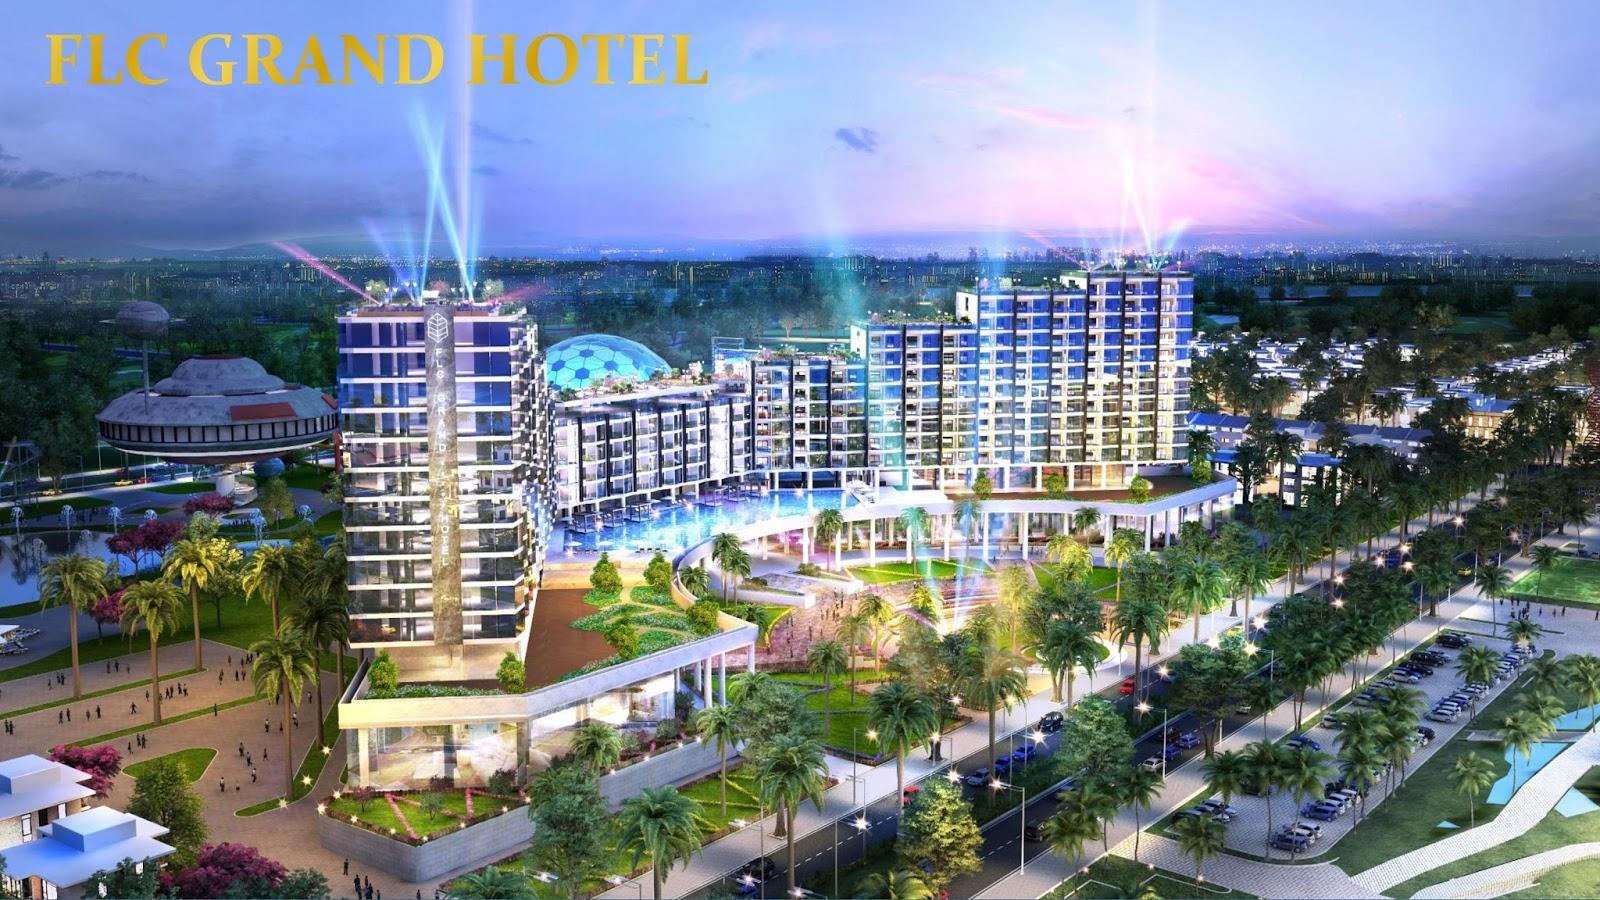 khách sạn 5 sao flc grand hotel 15 tầng